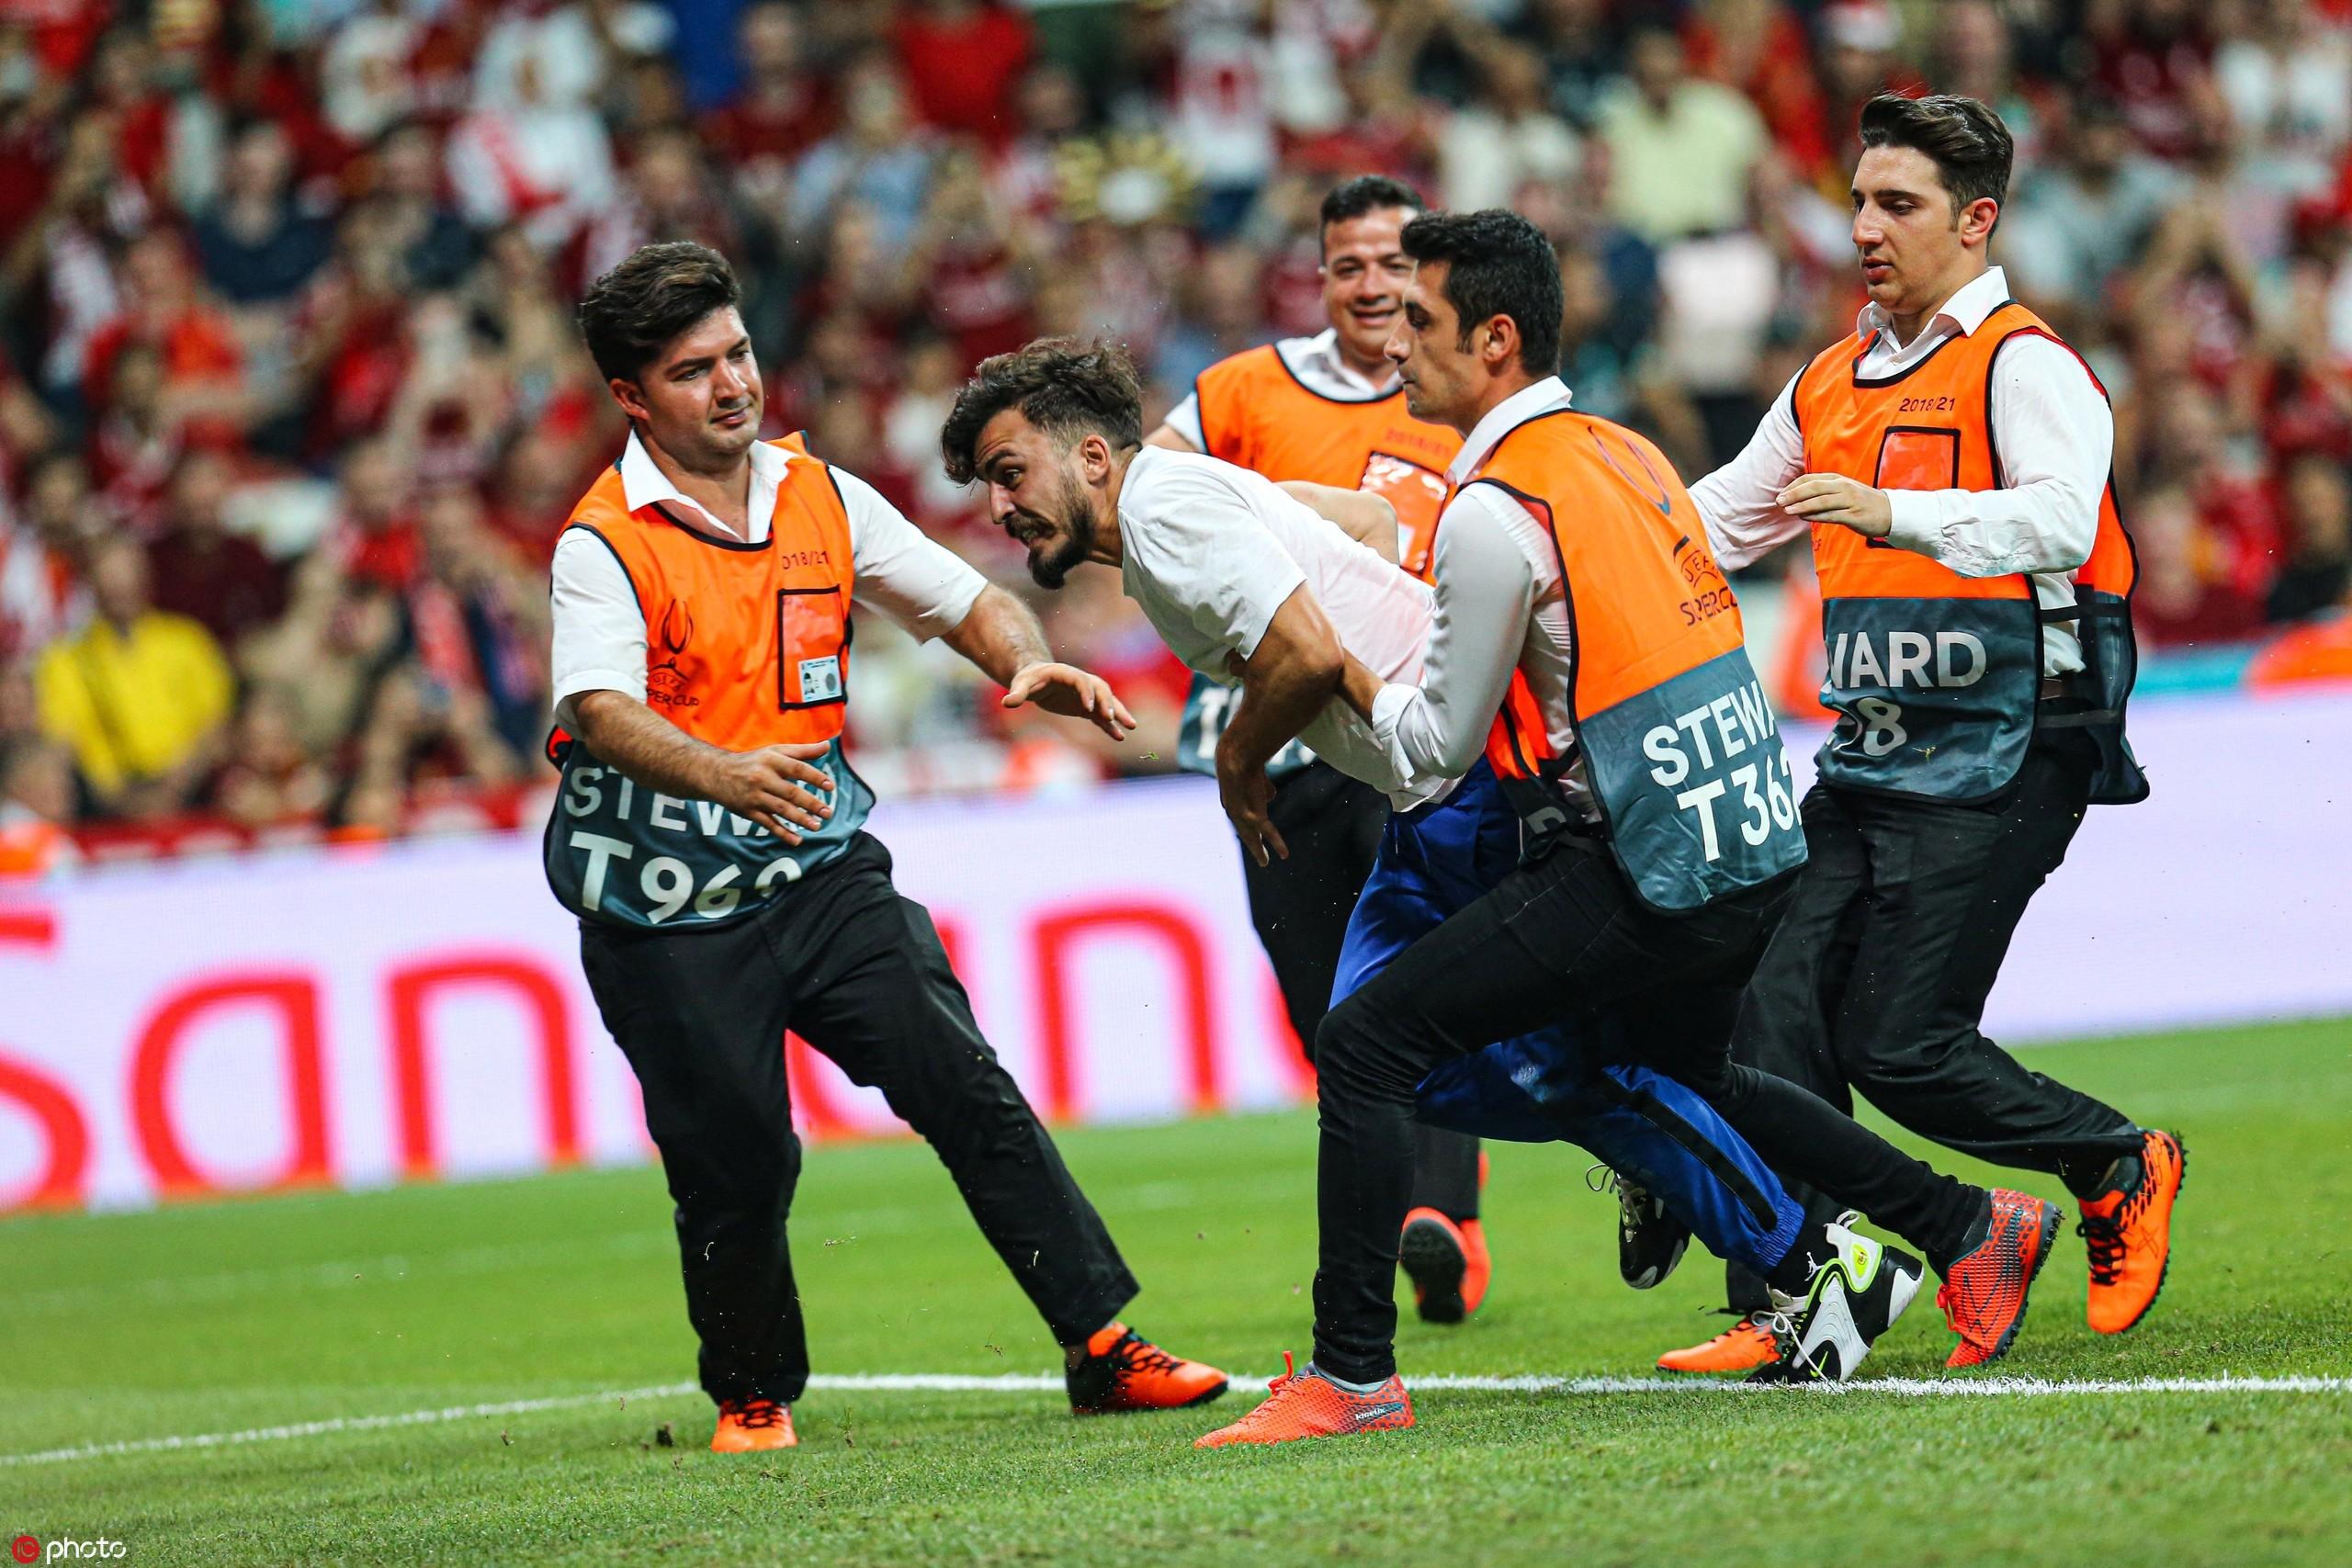 多图流:帅不过三秒!球迷冲场滑跪,遭保安驱逐跌倒